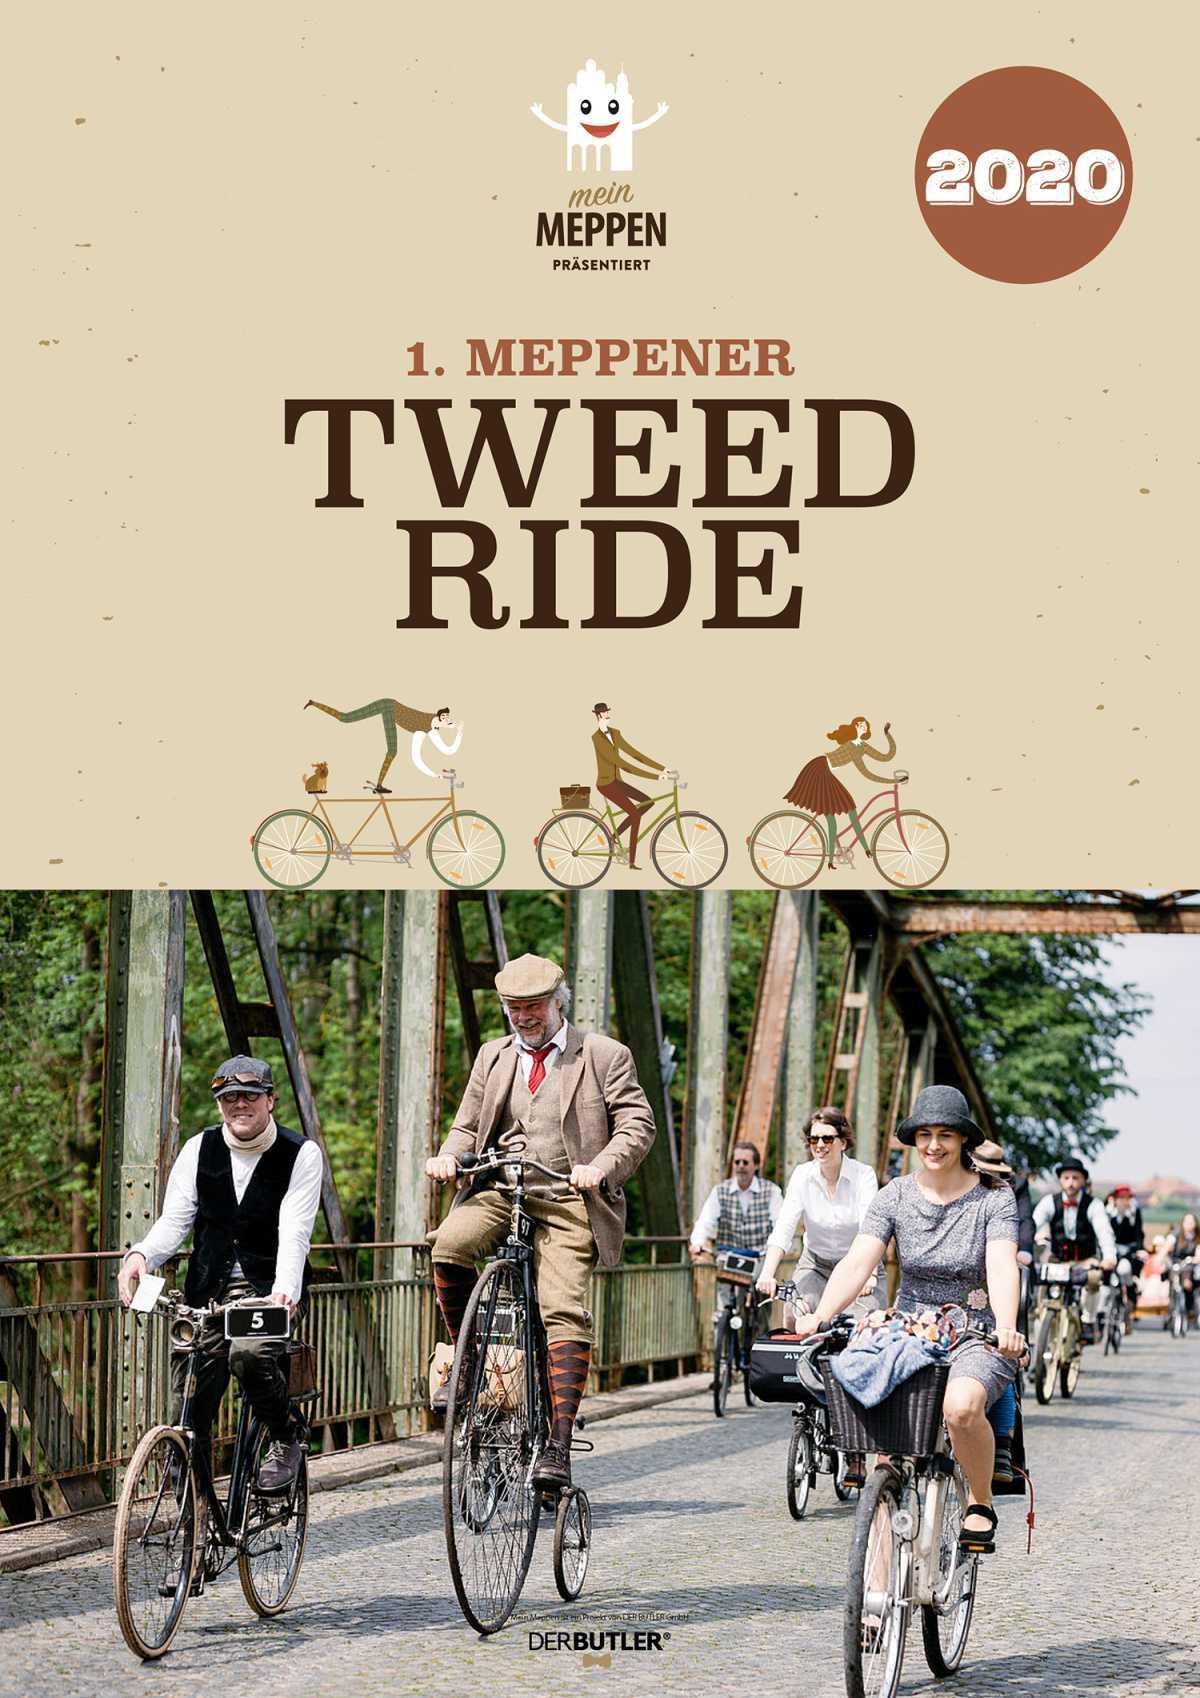 1. Tweed Ride Meppen in 2020